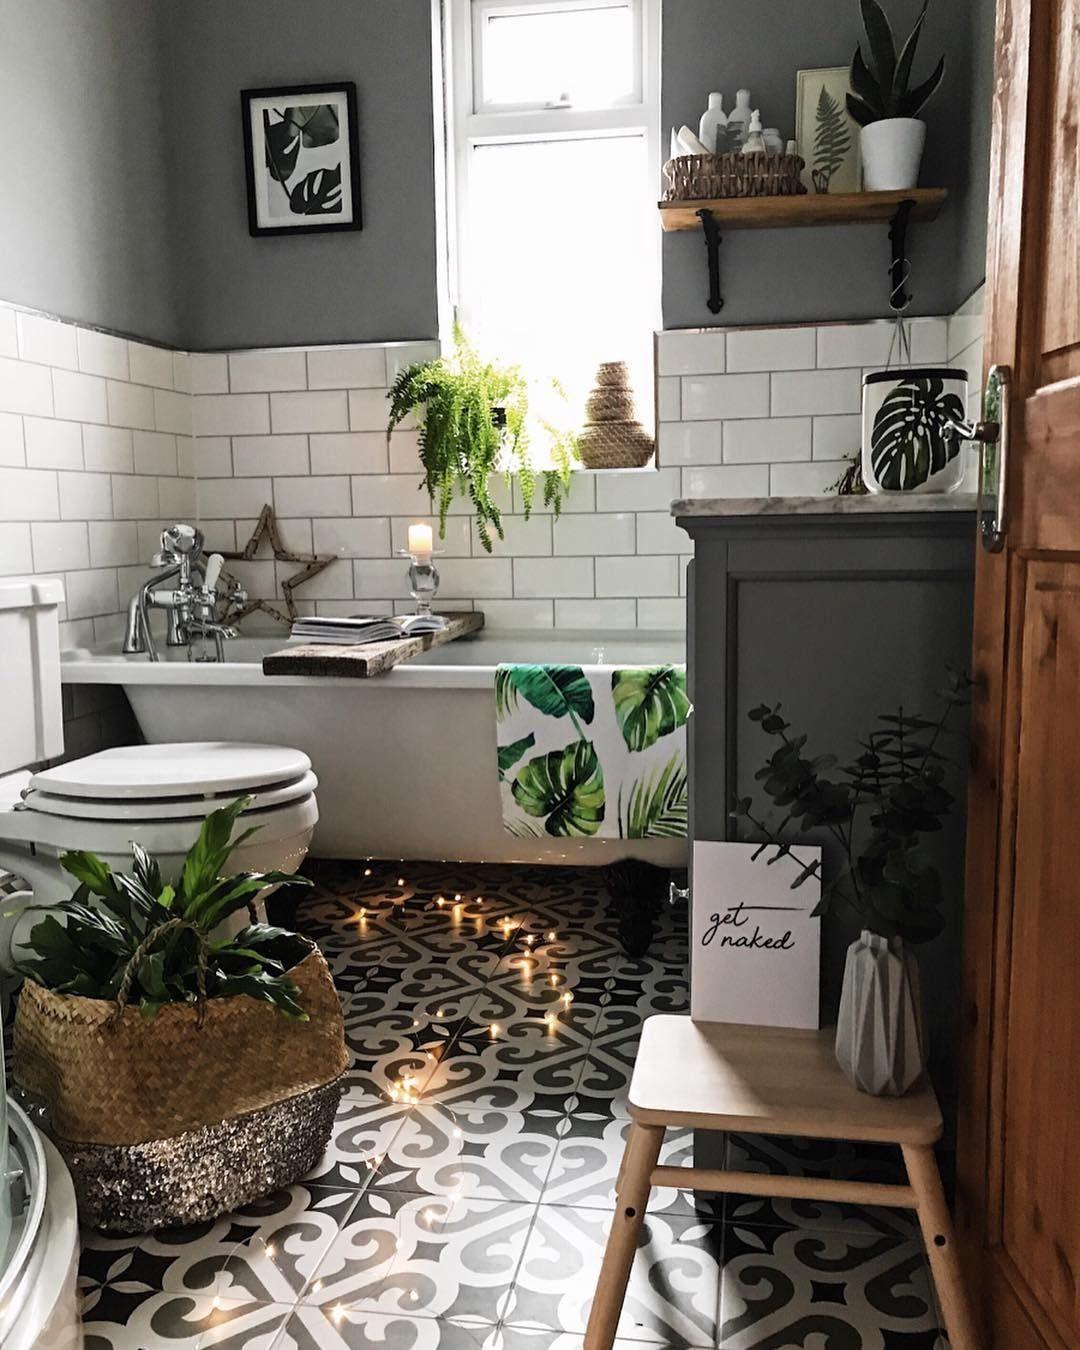 Créer Une Salle D Eau new stylish bohemian home decor ideas | déco salle d'eau